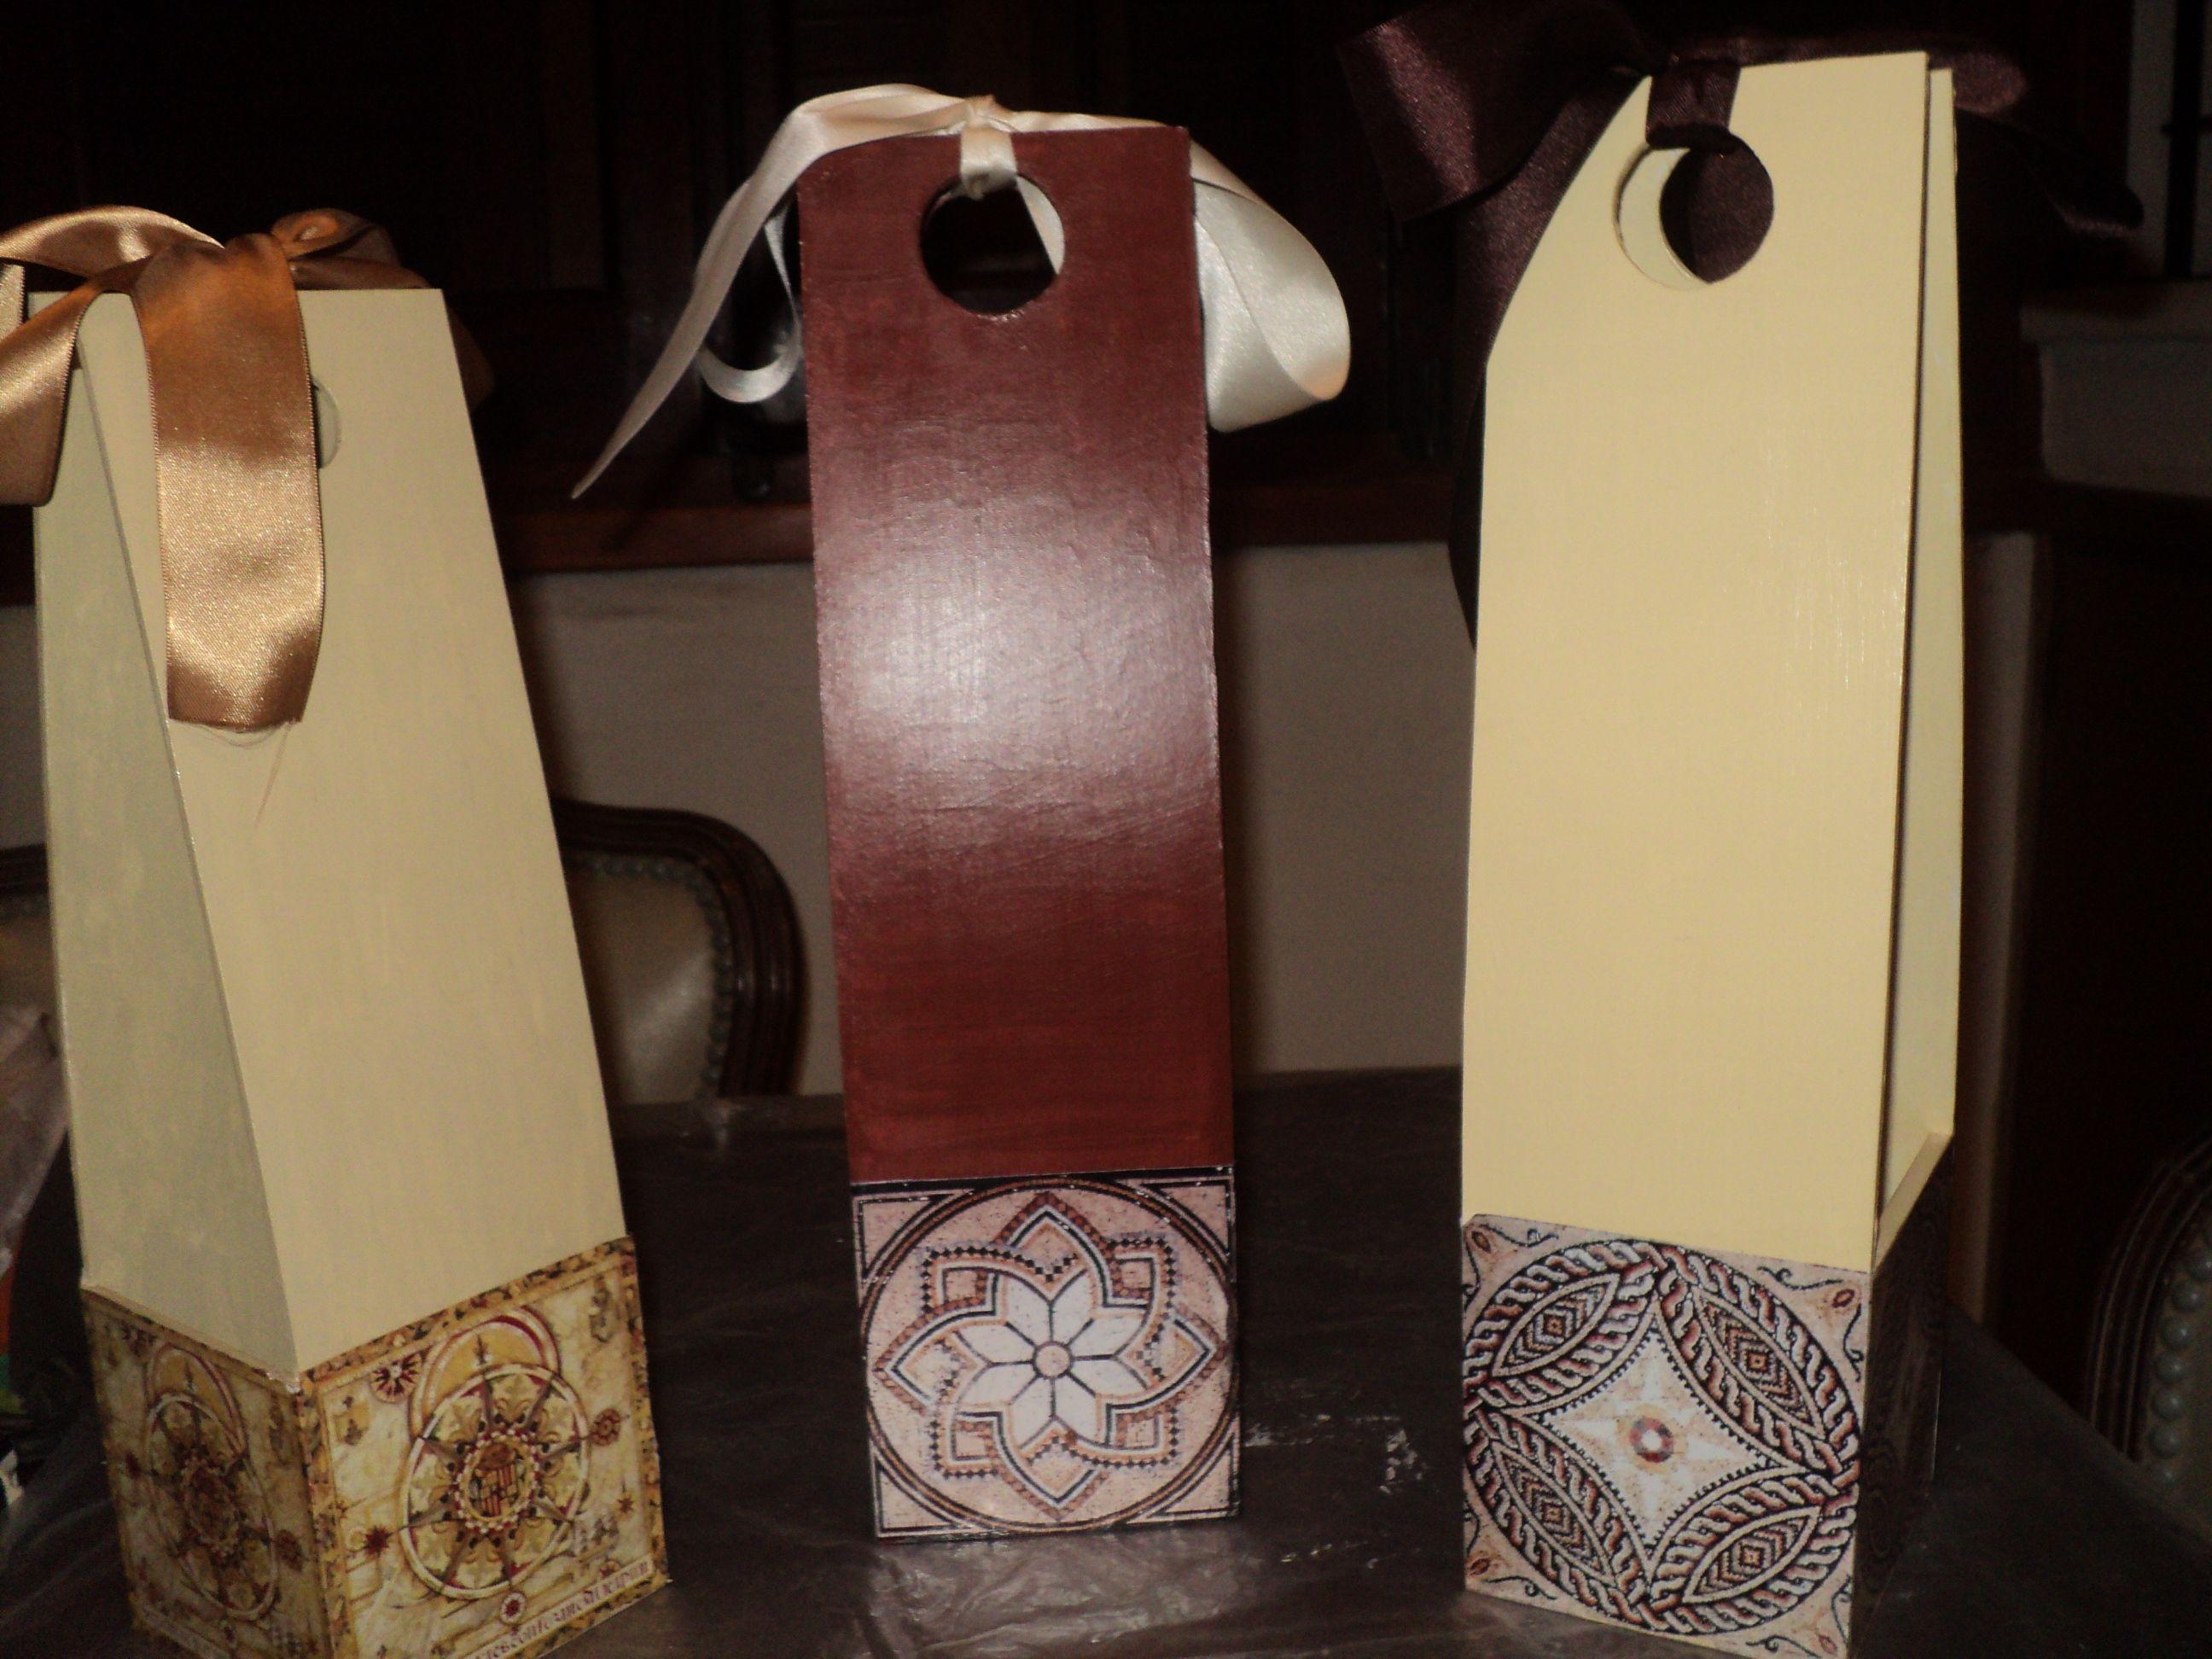 cajas porta vinos pintadas con acrlico y decoupage